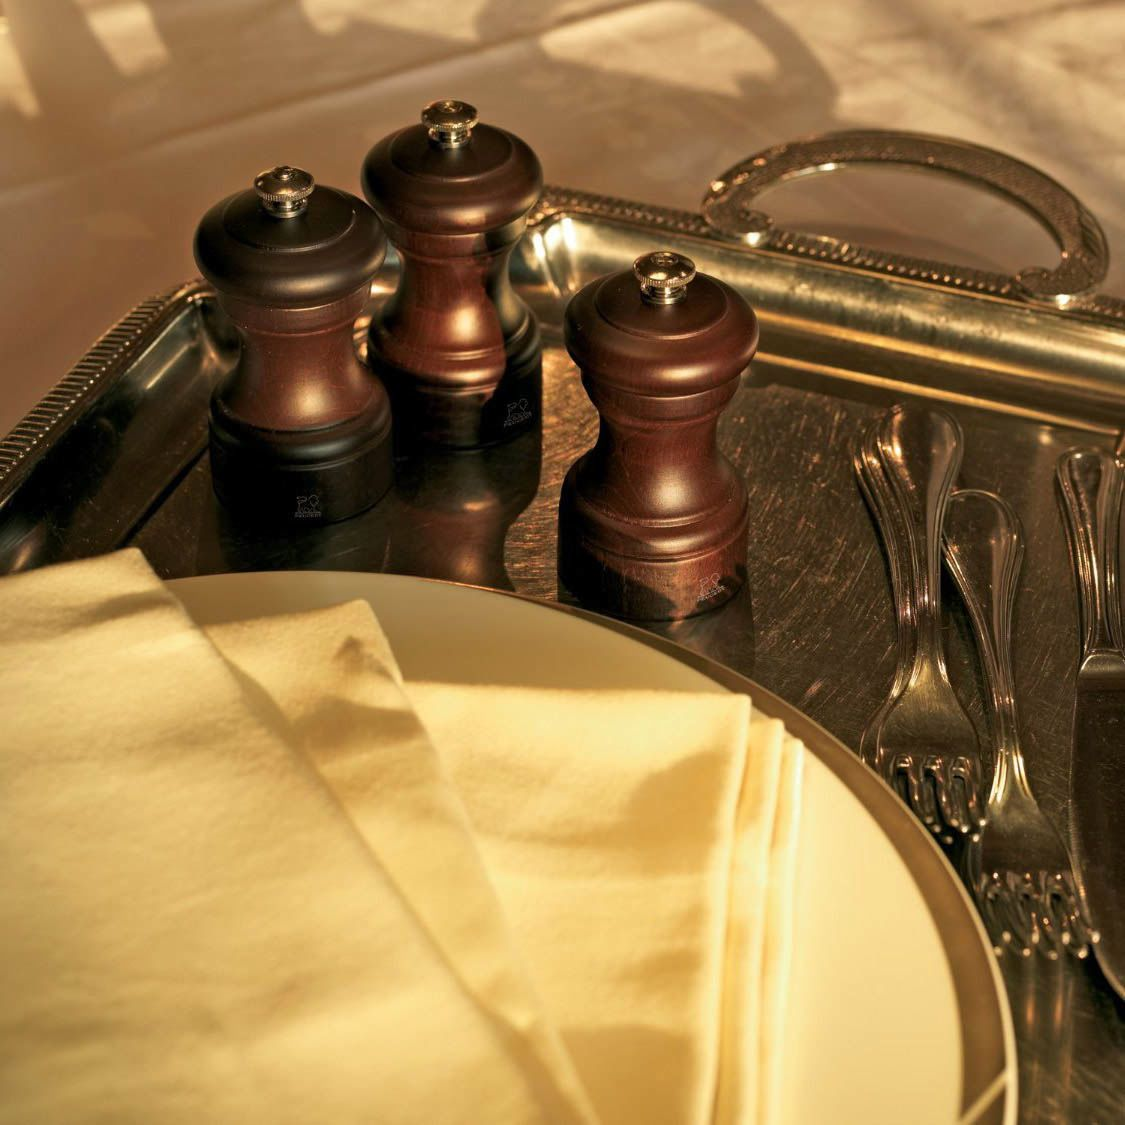 Компактная мельница для перца Peugeot Bistro темно-коричневая